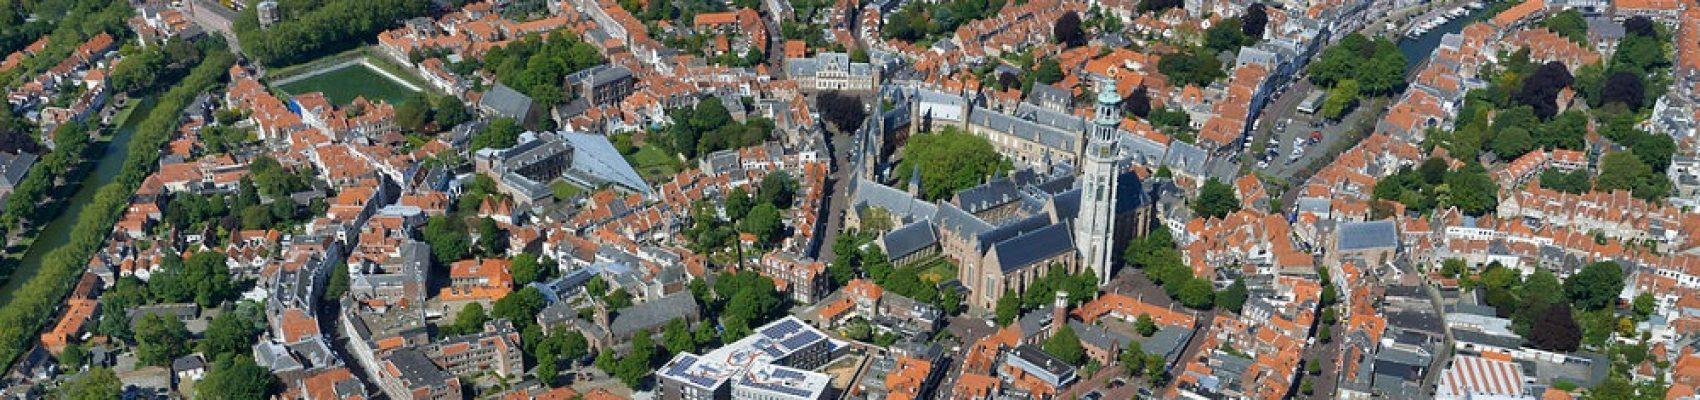 Protestantse Gemeente Middelburg